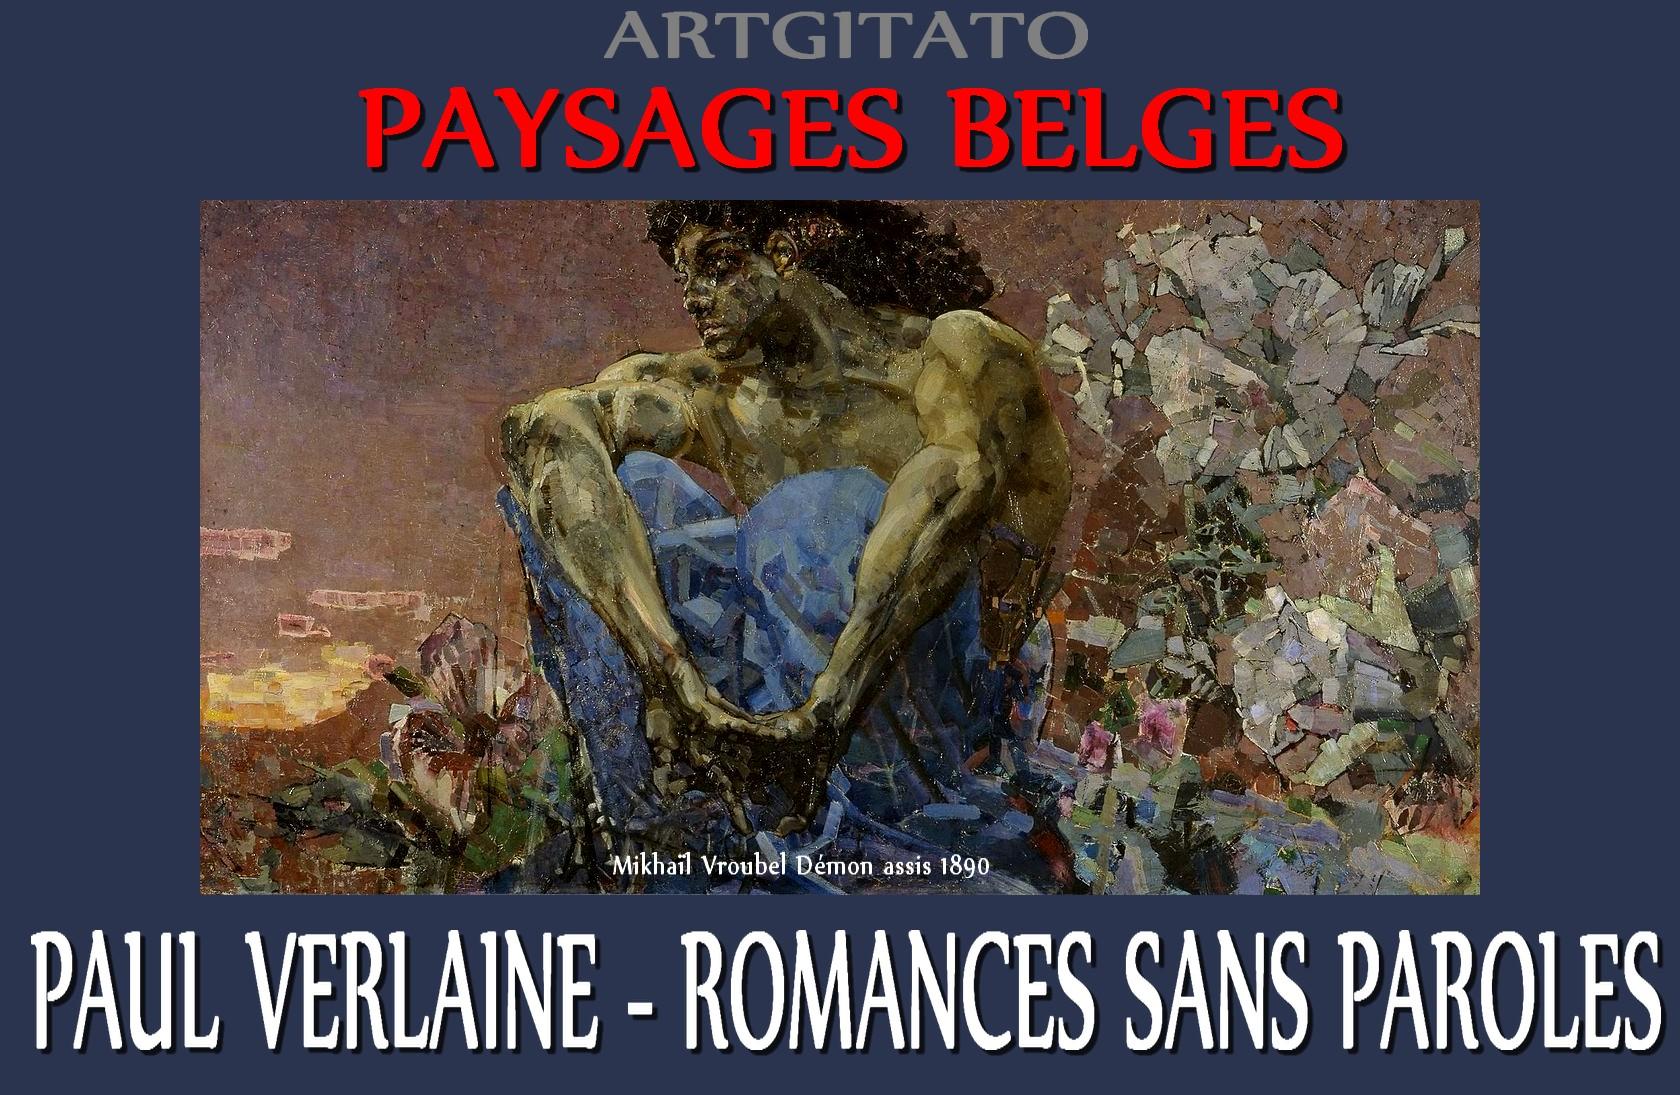 Paysages belges romances sans paroles paul verlaine mikha l vroubel d mon assis 1890